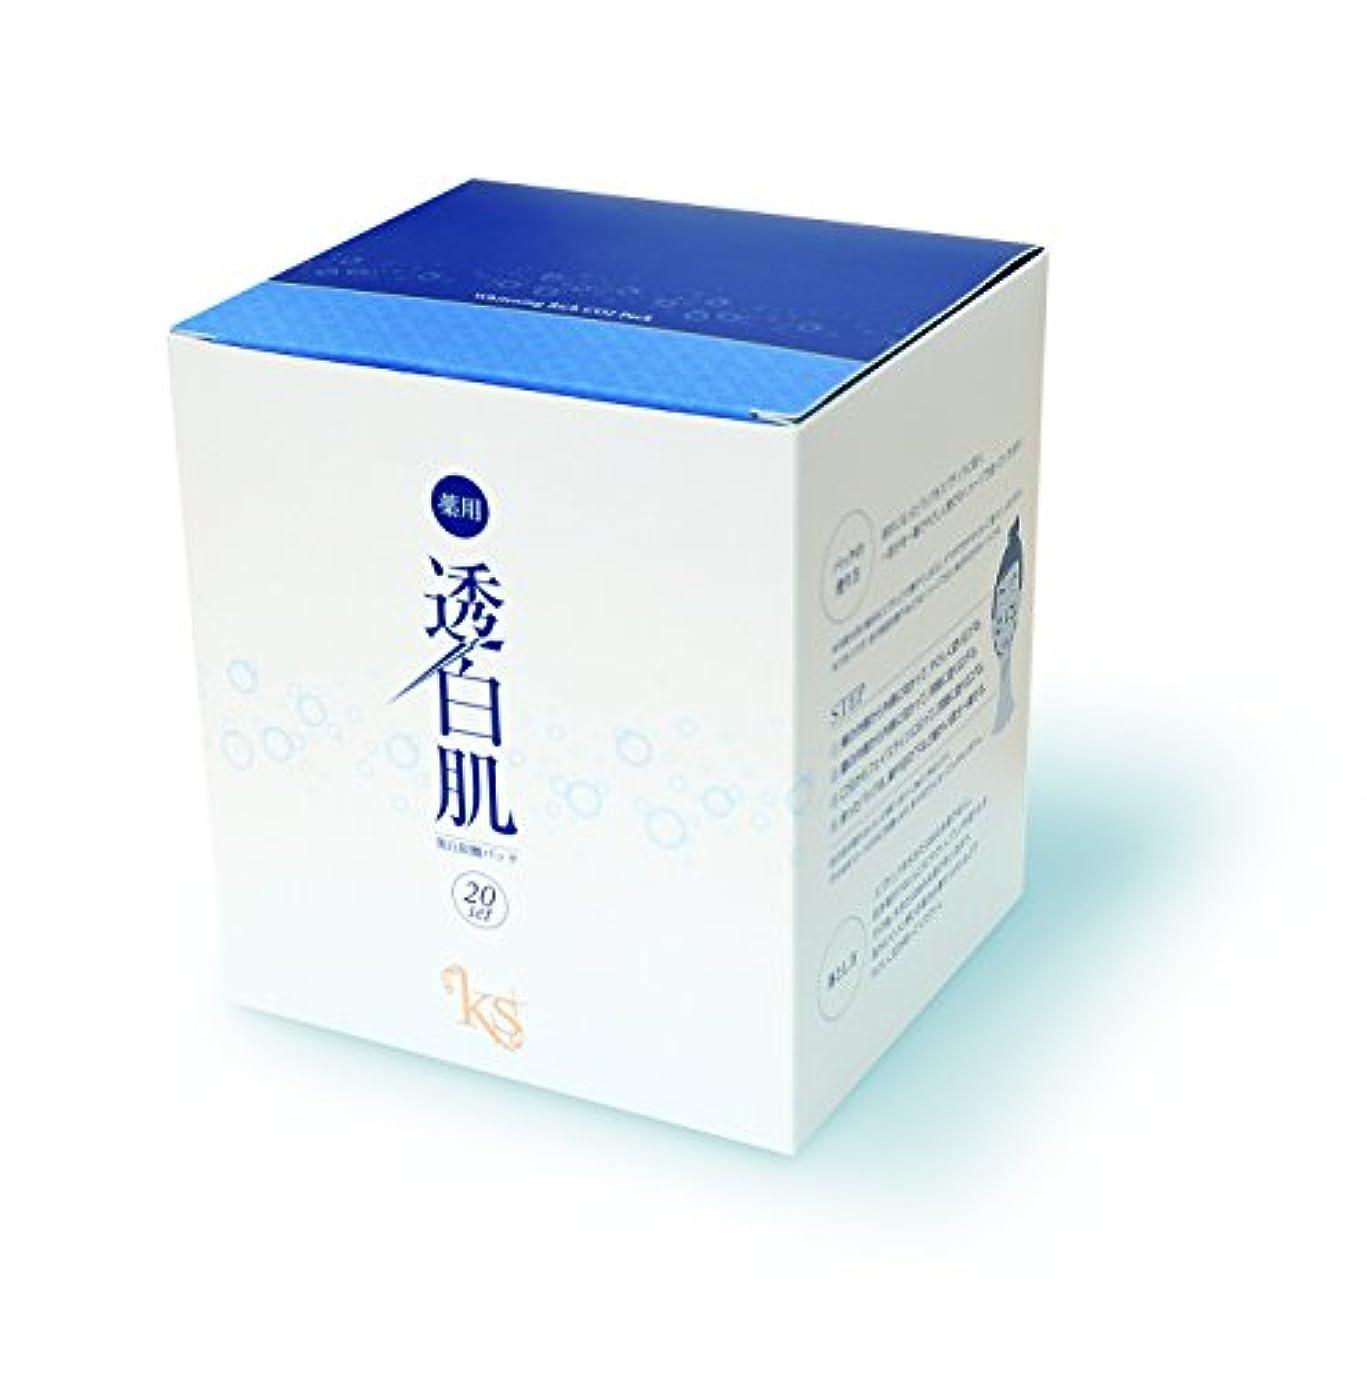 セミナー洗剤航海の[薬用]透白肌 薬用美白炭酸パック〈2層式パック〉 20セット入 美白ケア